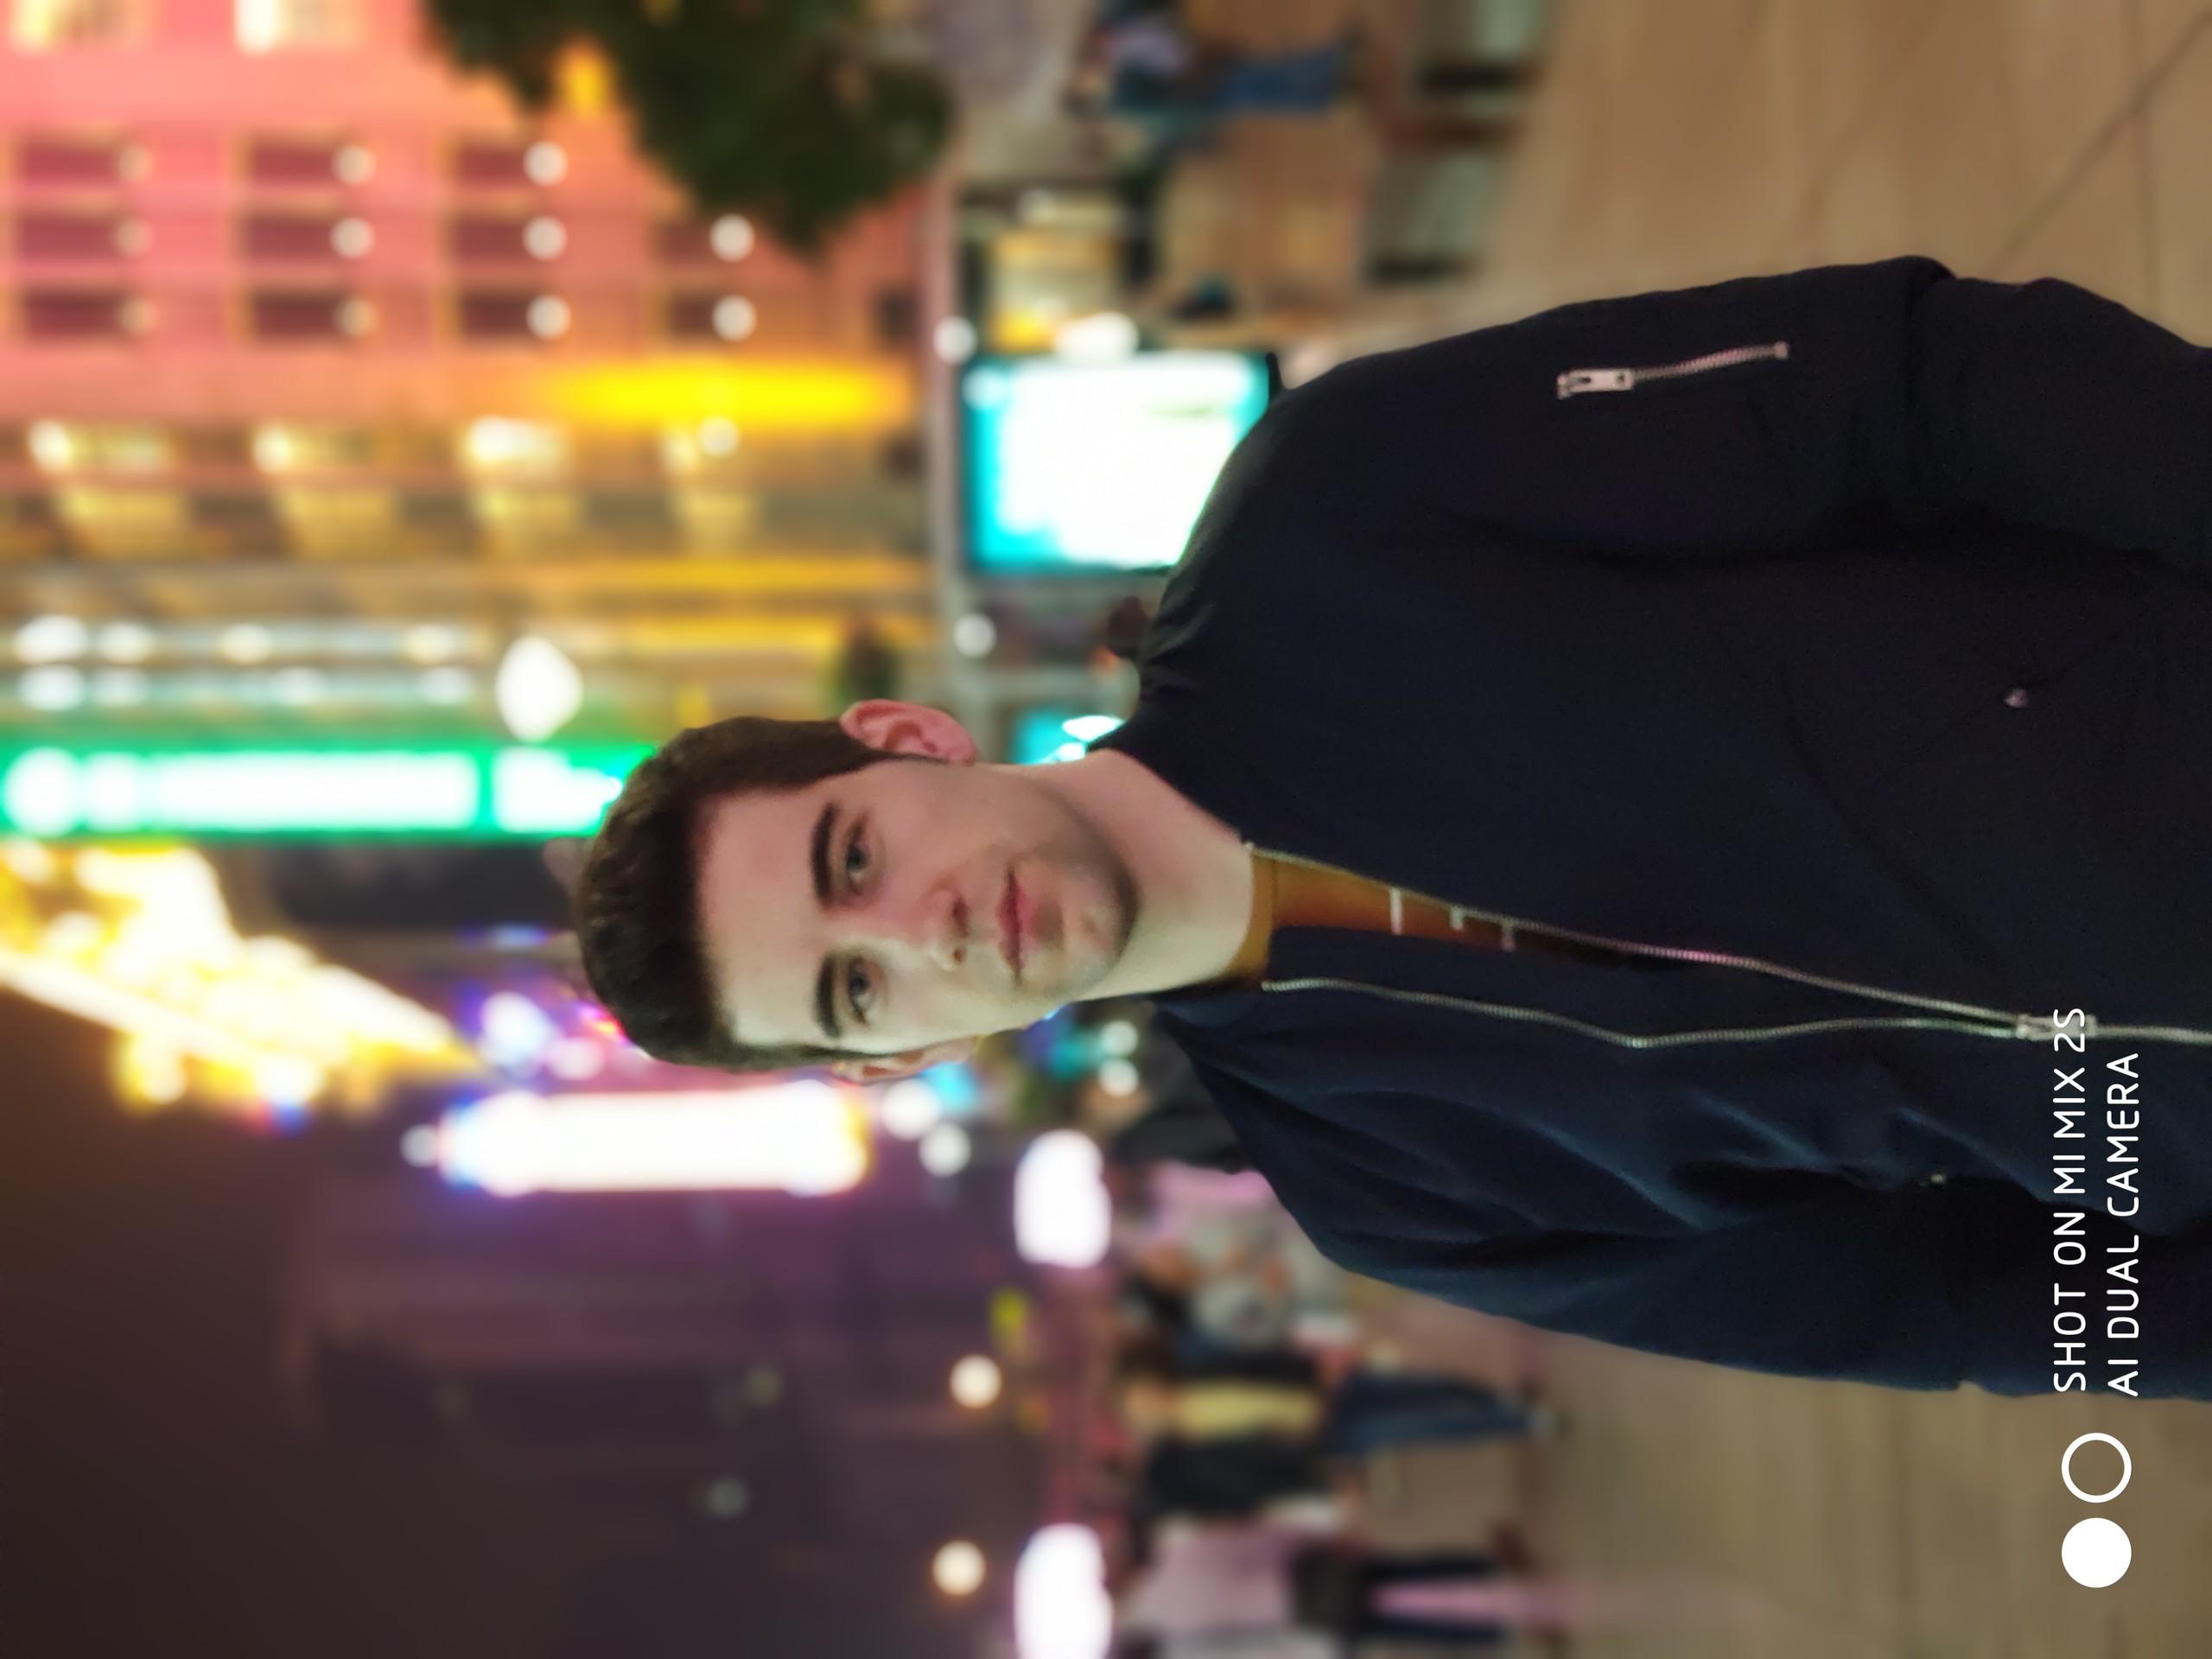 Fotos tomadas con el Xiaomi Mi MIX 2S